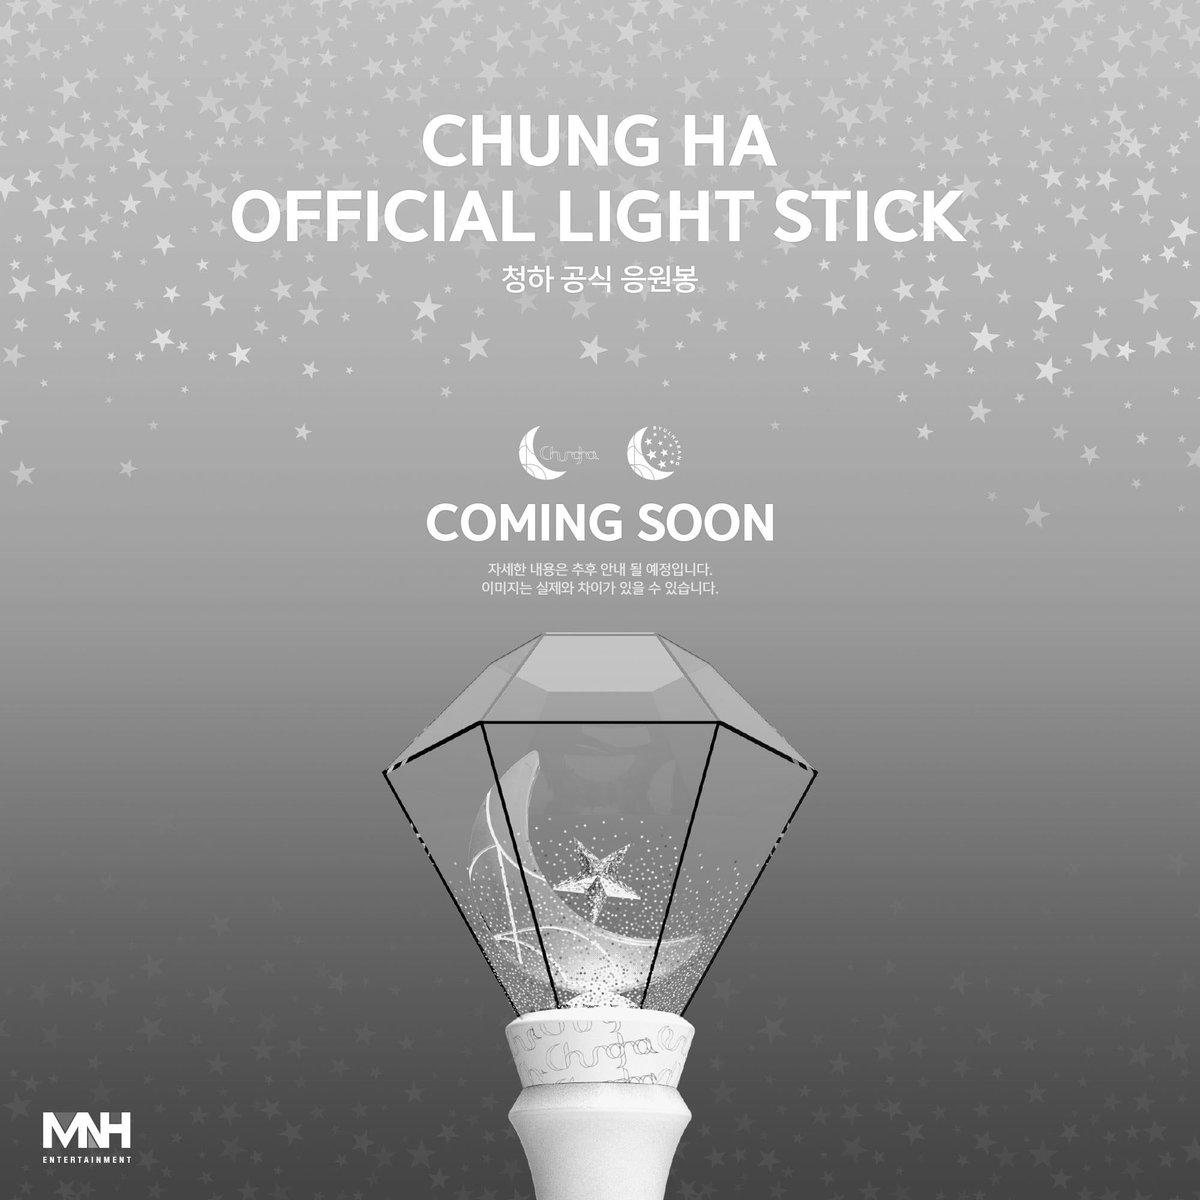 CHUNG HA Official Light Stick❗️ Coming Soon ✨ #청하 #CHUNGHA #별하랑 #BYULHARANG #응원봉 #공식응원봉 #FANSHIP